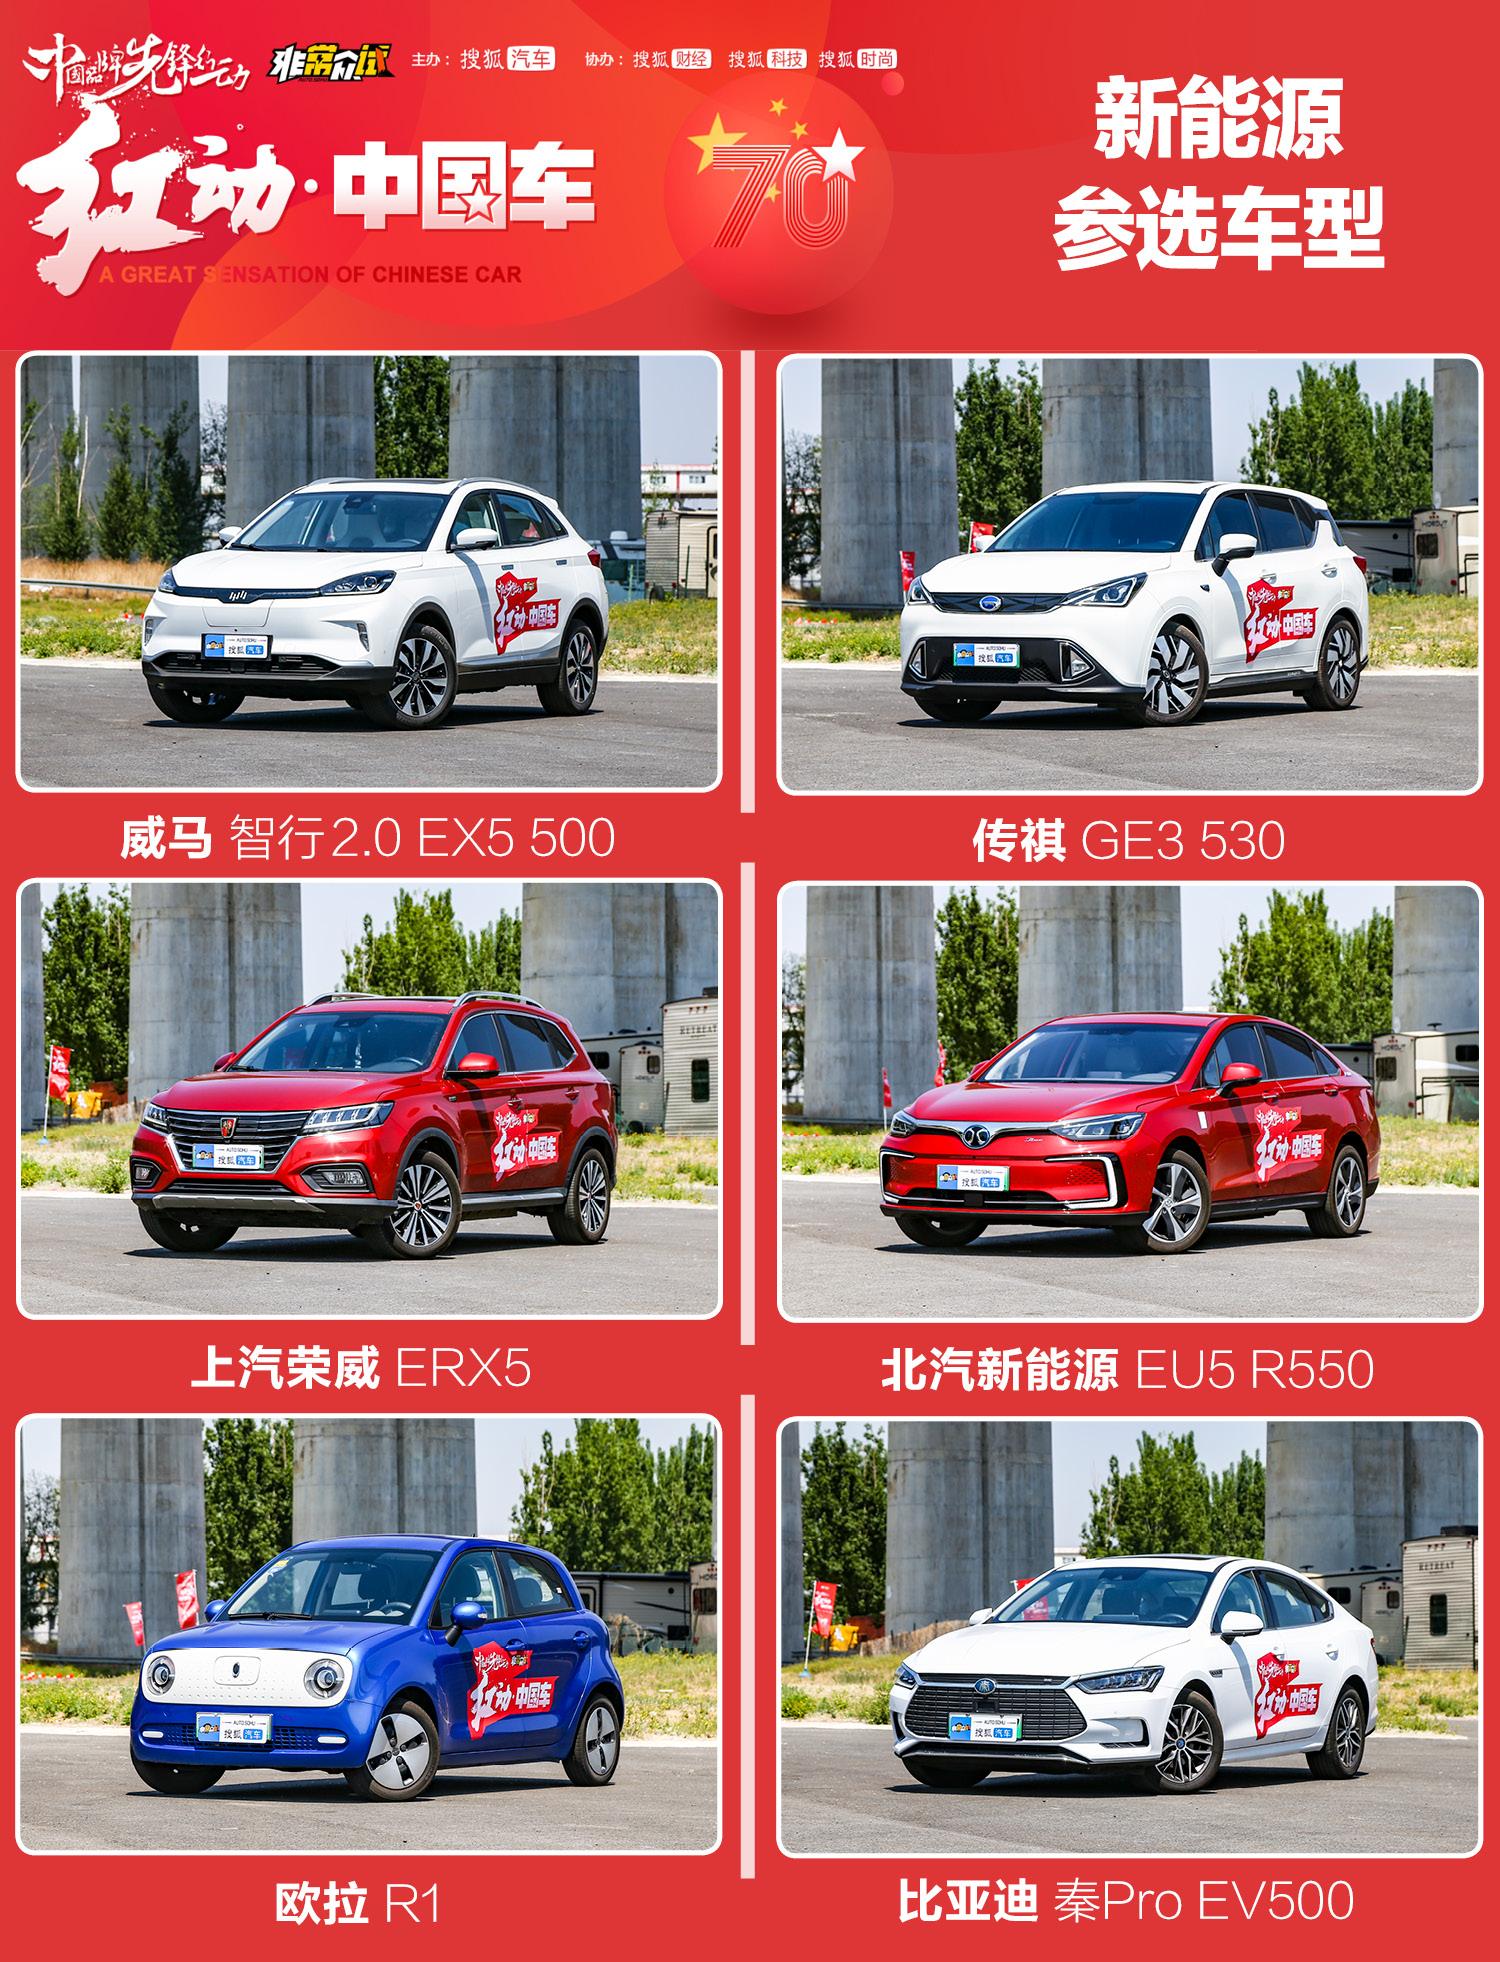 中国品牌先锋行动 红动中国车:整体实力有所提升,新能源车榜单解读(第1页) -